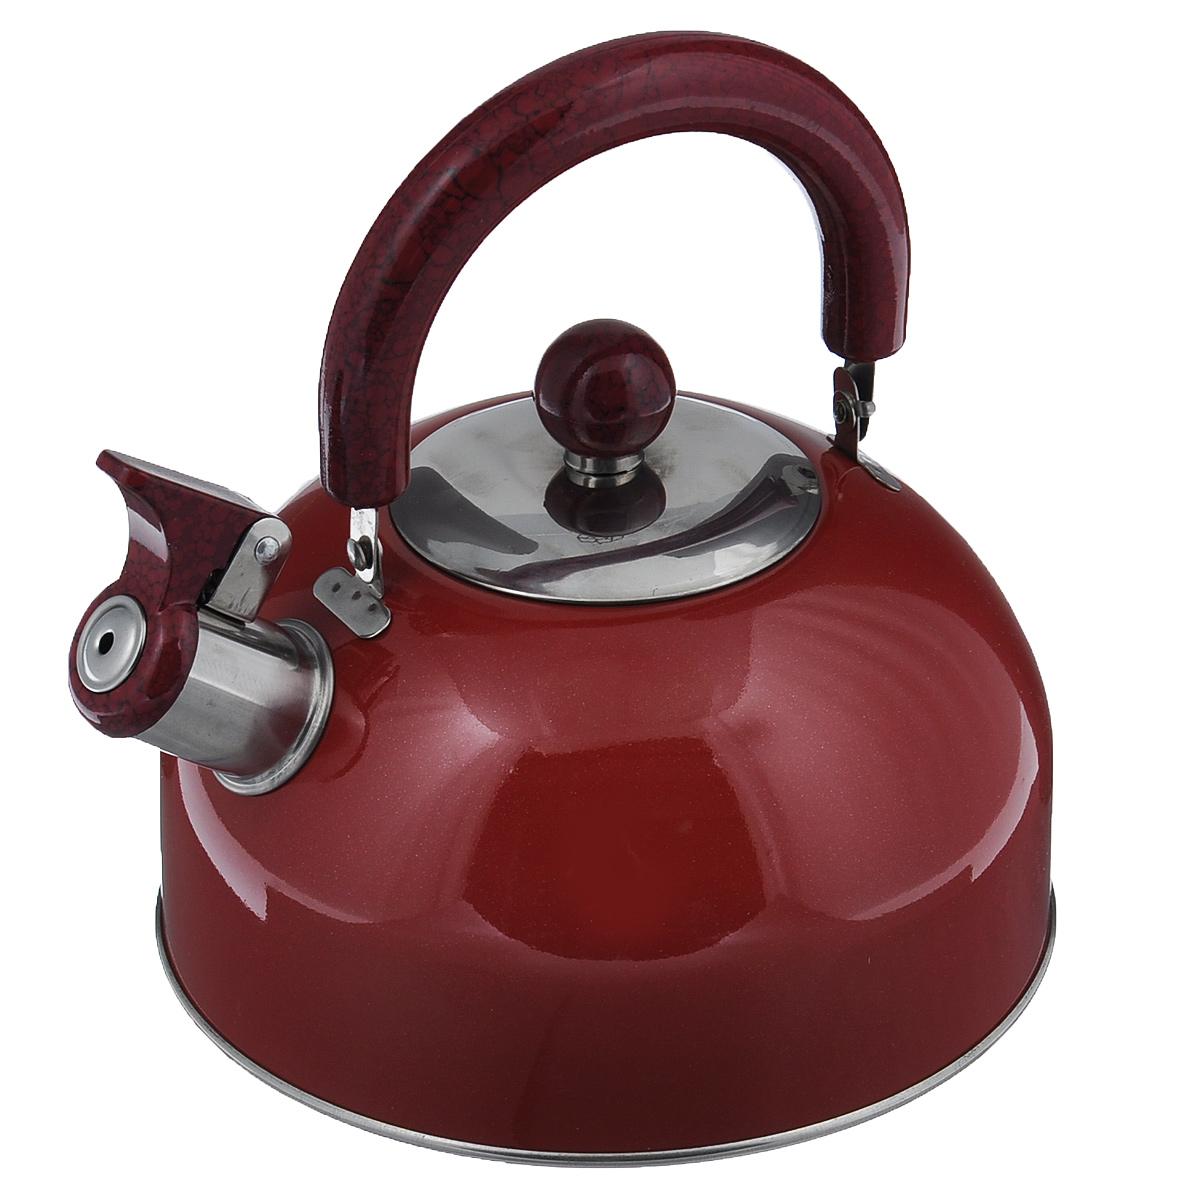 Чайник Mayer & Boch Modern со свистком, цвет: красный, 2 л. МВ-322654 009312Чайник Mayer & Boch Modern изготовлен из высококачественной нержавеющей стали. Гладкая и ровная поверхность существенно облегчает уход. Он оснащен удобной нейлоновой ручкой, которая не нагревается даже при продолжительном периоде нагрева воды. Носик чайника имеет насадку-свисток, что позволит вам контролировать процесс подогрева или кипячения воды. Выполненный из качественных материалов чайник Mayer & Boch Modern при кипячении сохраняет все полезные свойства воды. Чайник пригоден для использования на всех типах плит, кроме индукционных. Можно мыть в посудомоечной машине.Диаметр чайника по верхнему краю: 8,5 см.Диаметр основания: 19 см.Высота чайника (без учета ручки и крышки): 10 см.УВАЖАЕМЫЕ КЛИЕНТЫ!Обращаем ваше внимание на тот факт, что указан максимальный объем чайника с учетом полного наполнения до кромки. Объем чайника с учетом наполнения до уровня носика составляет 1,5 литра.